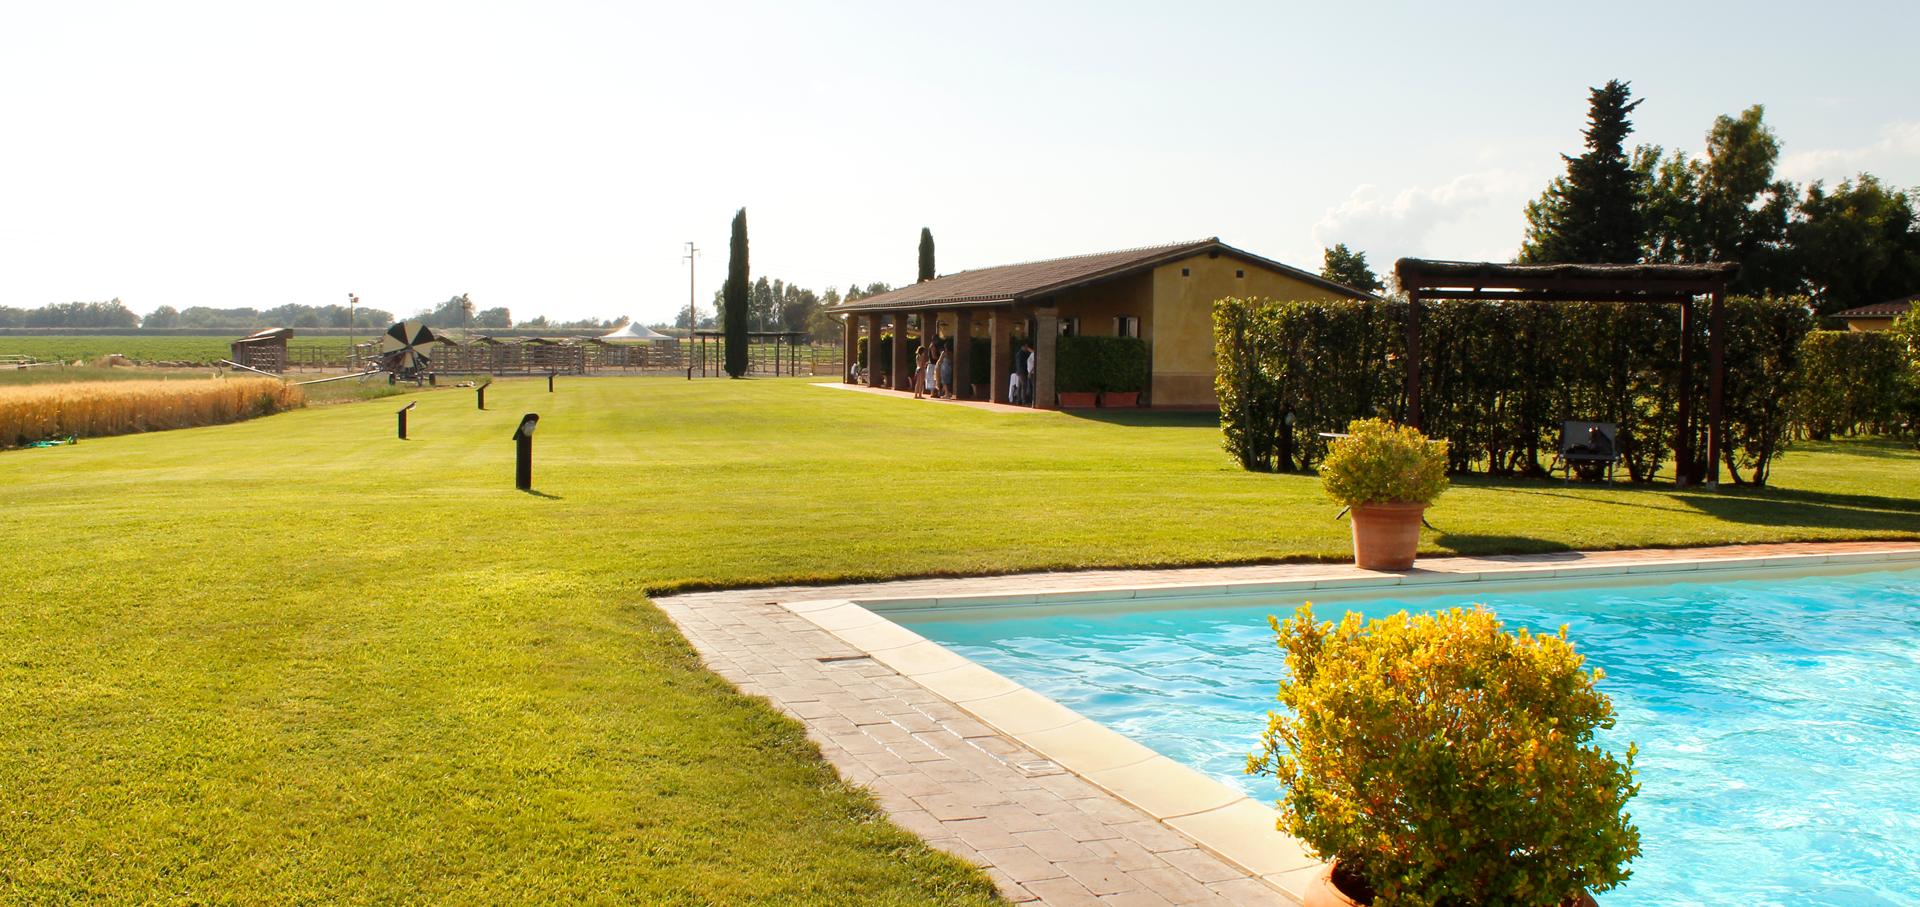 striscia-piscina-sanluca